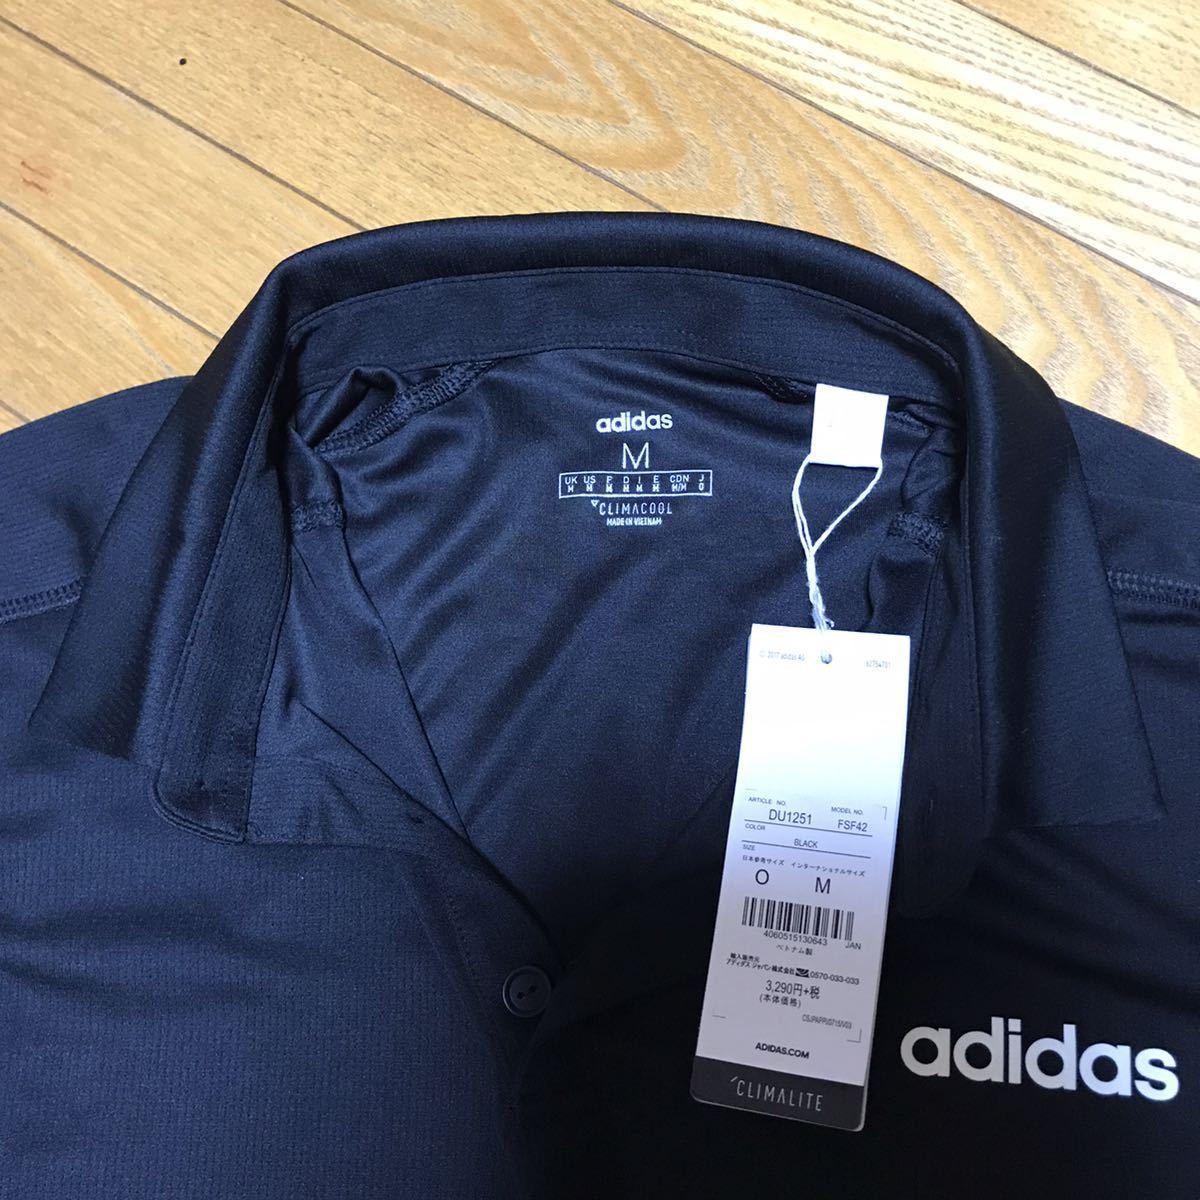 アディダス adidas メンズ ゴルフ トレーニング トップス M CORE ポロシャツ FSF42 DU1251 ブラック Oサイズ 送料無料